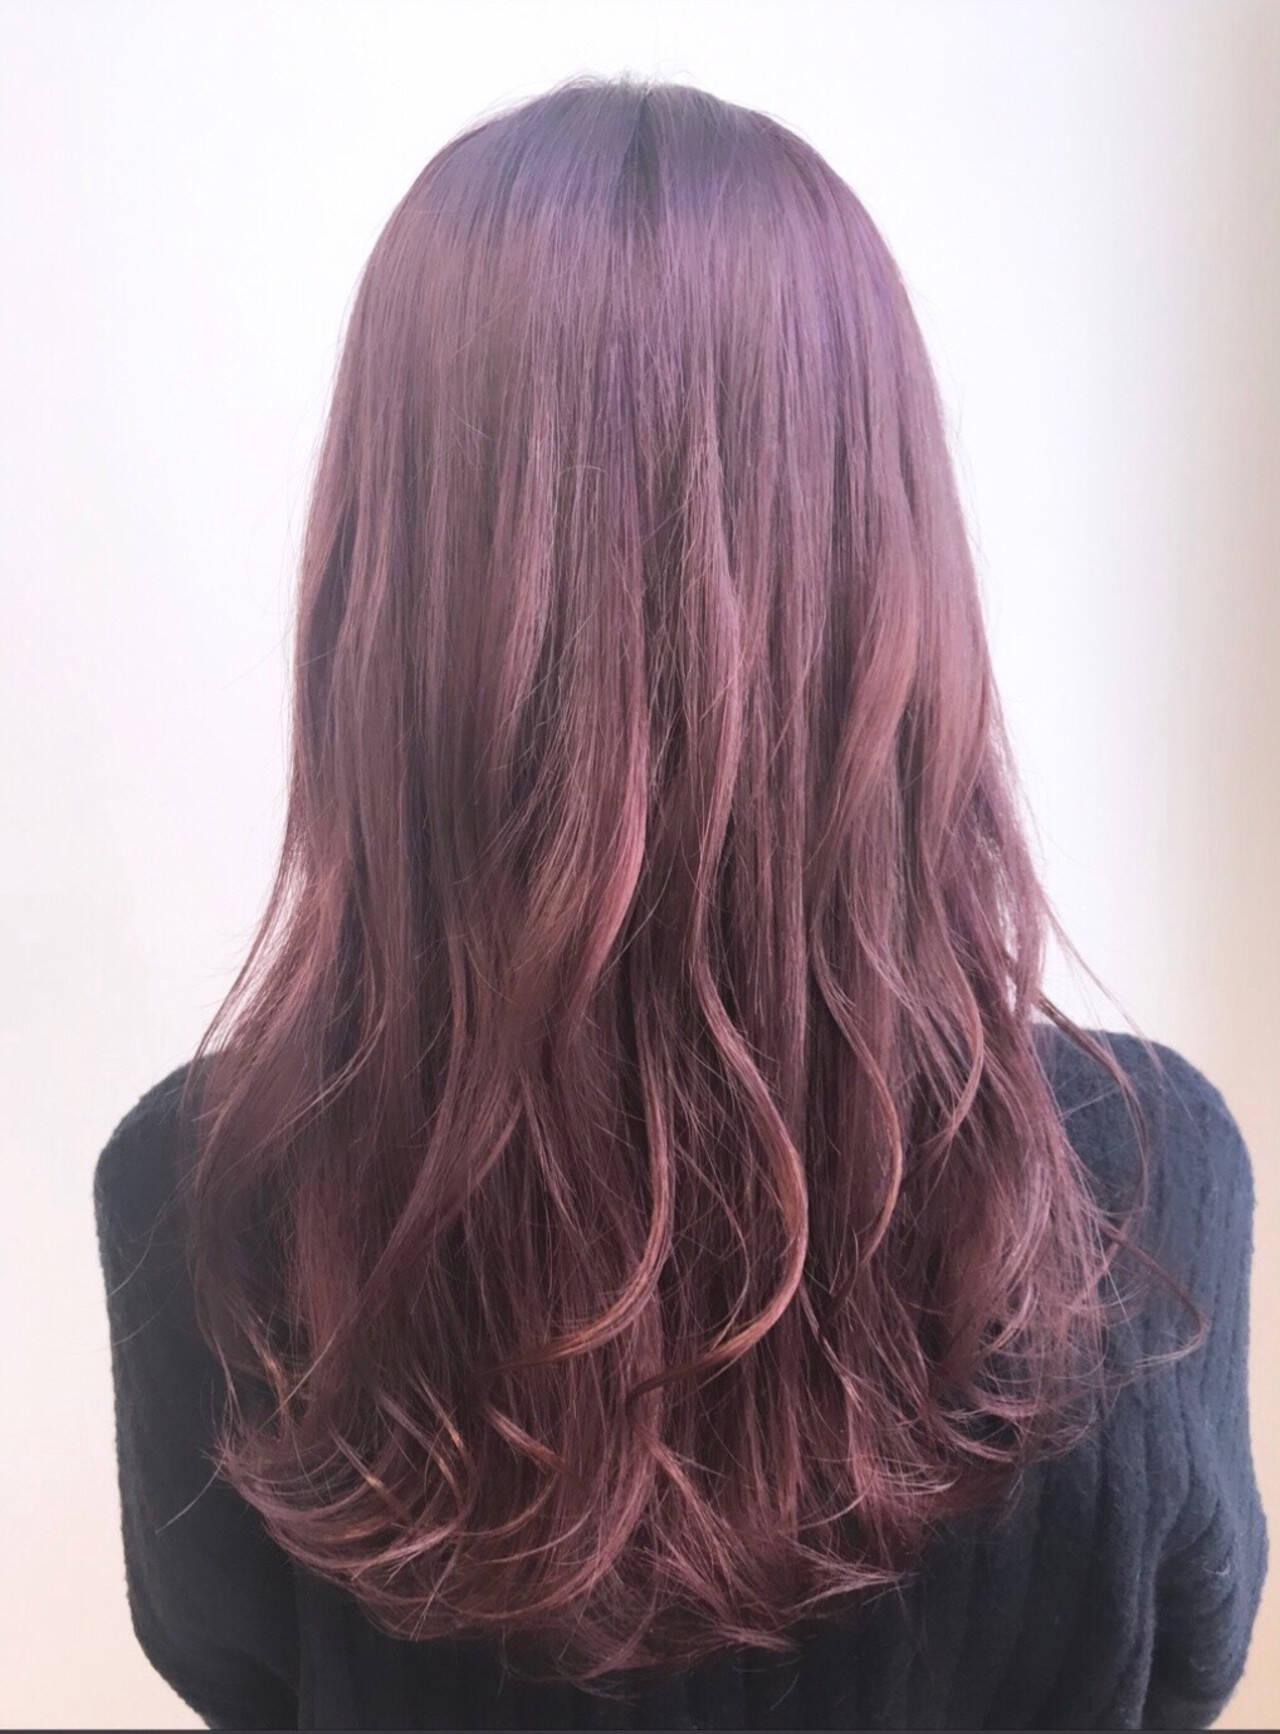 ピンクバイオレット フェミニン ブリーチカラー ロングヘアスタイルや髪型の写真・画像